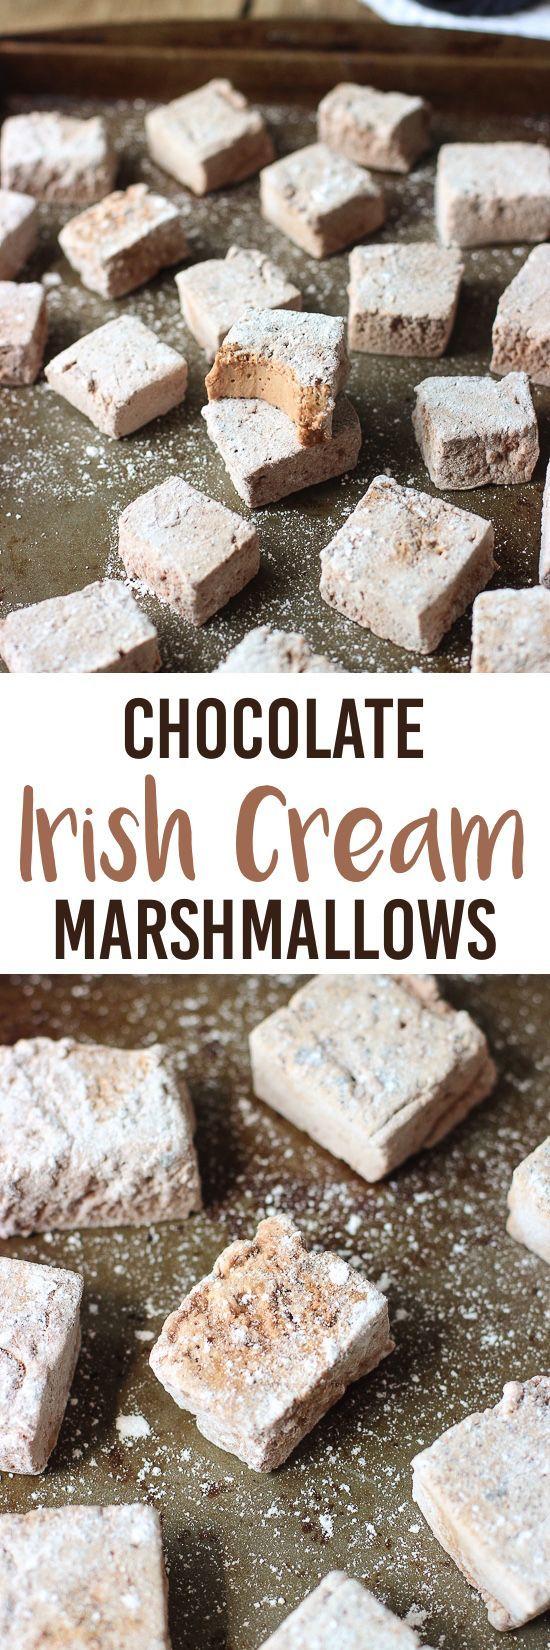 Chocolate Irish Cream Marshmallows